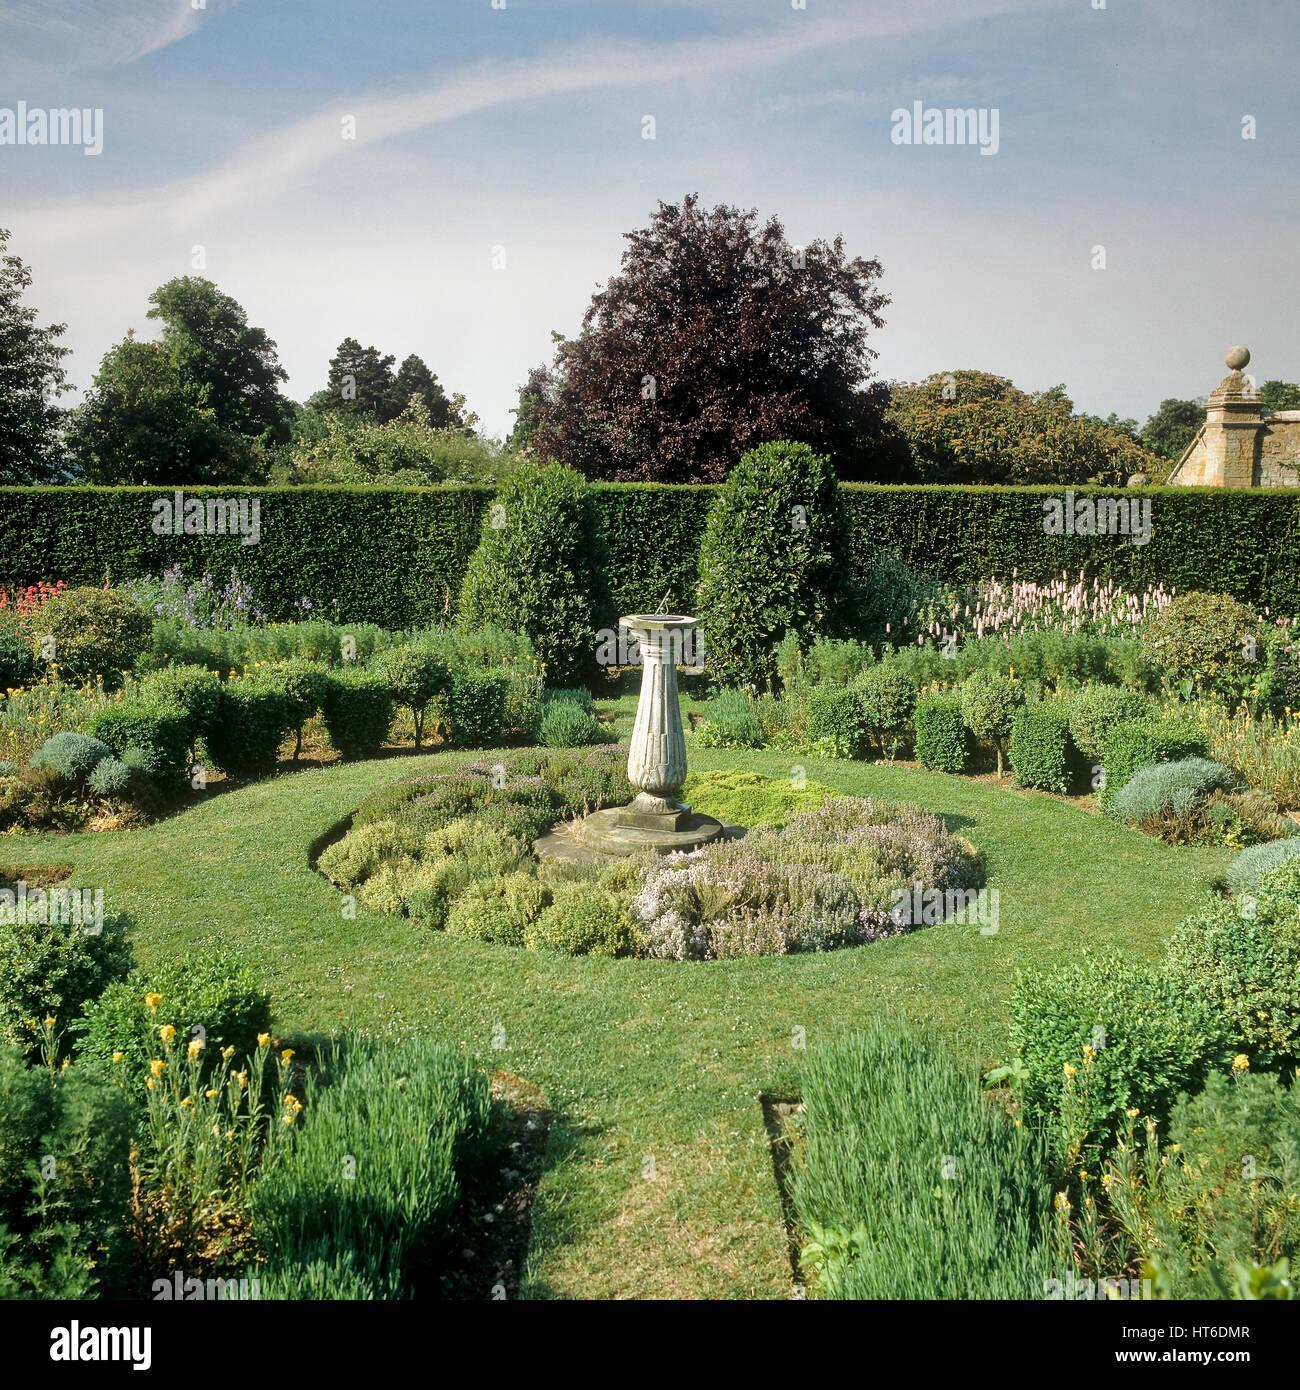 Formal garden. - Stock Image